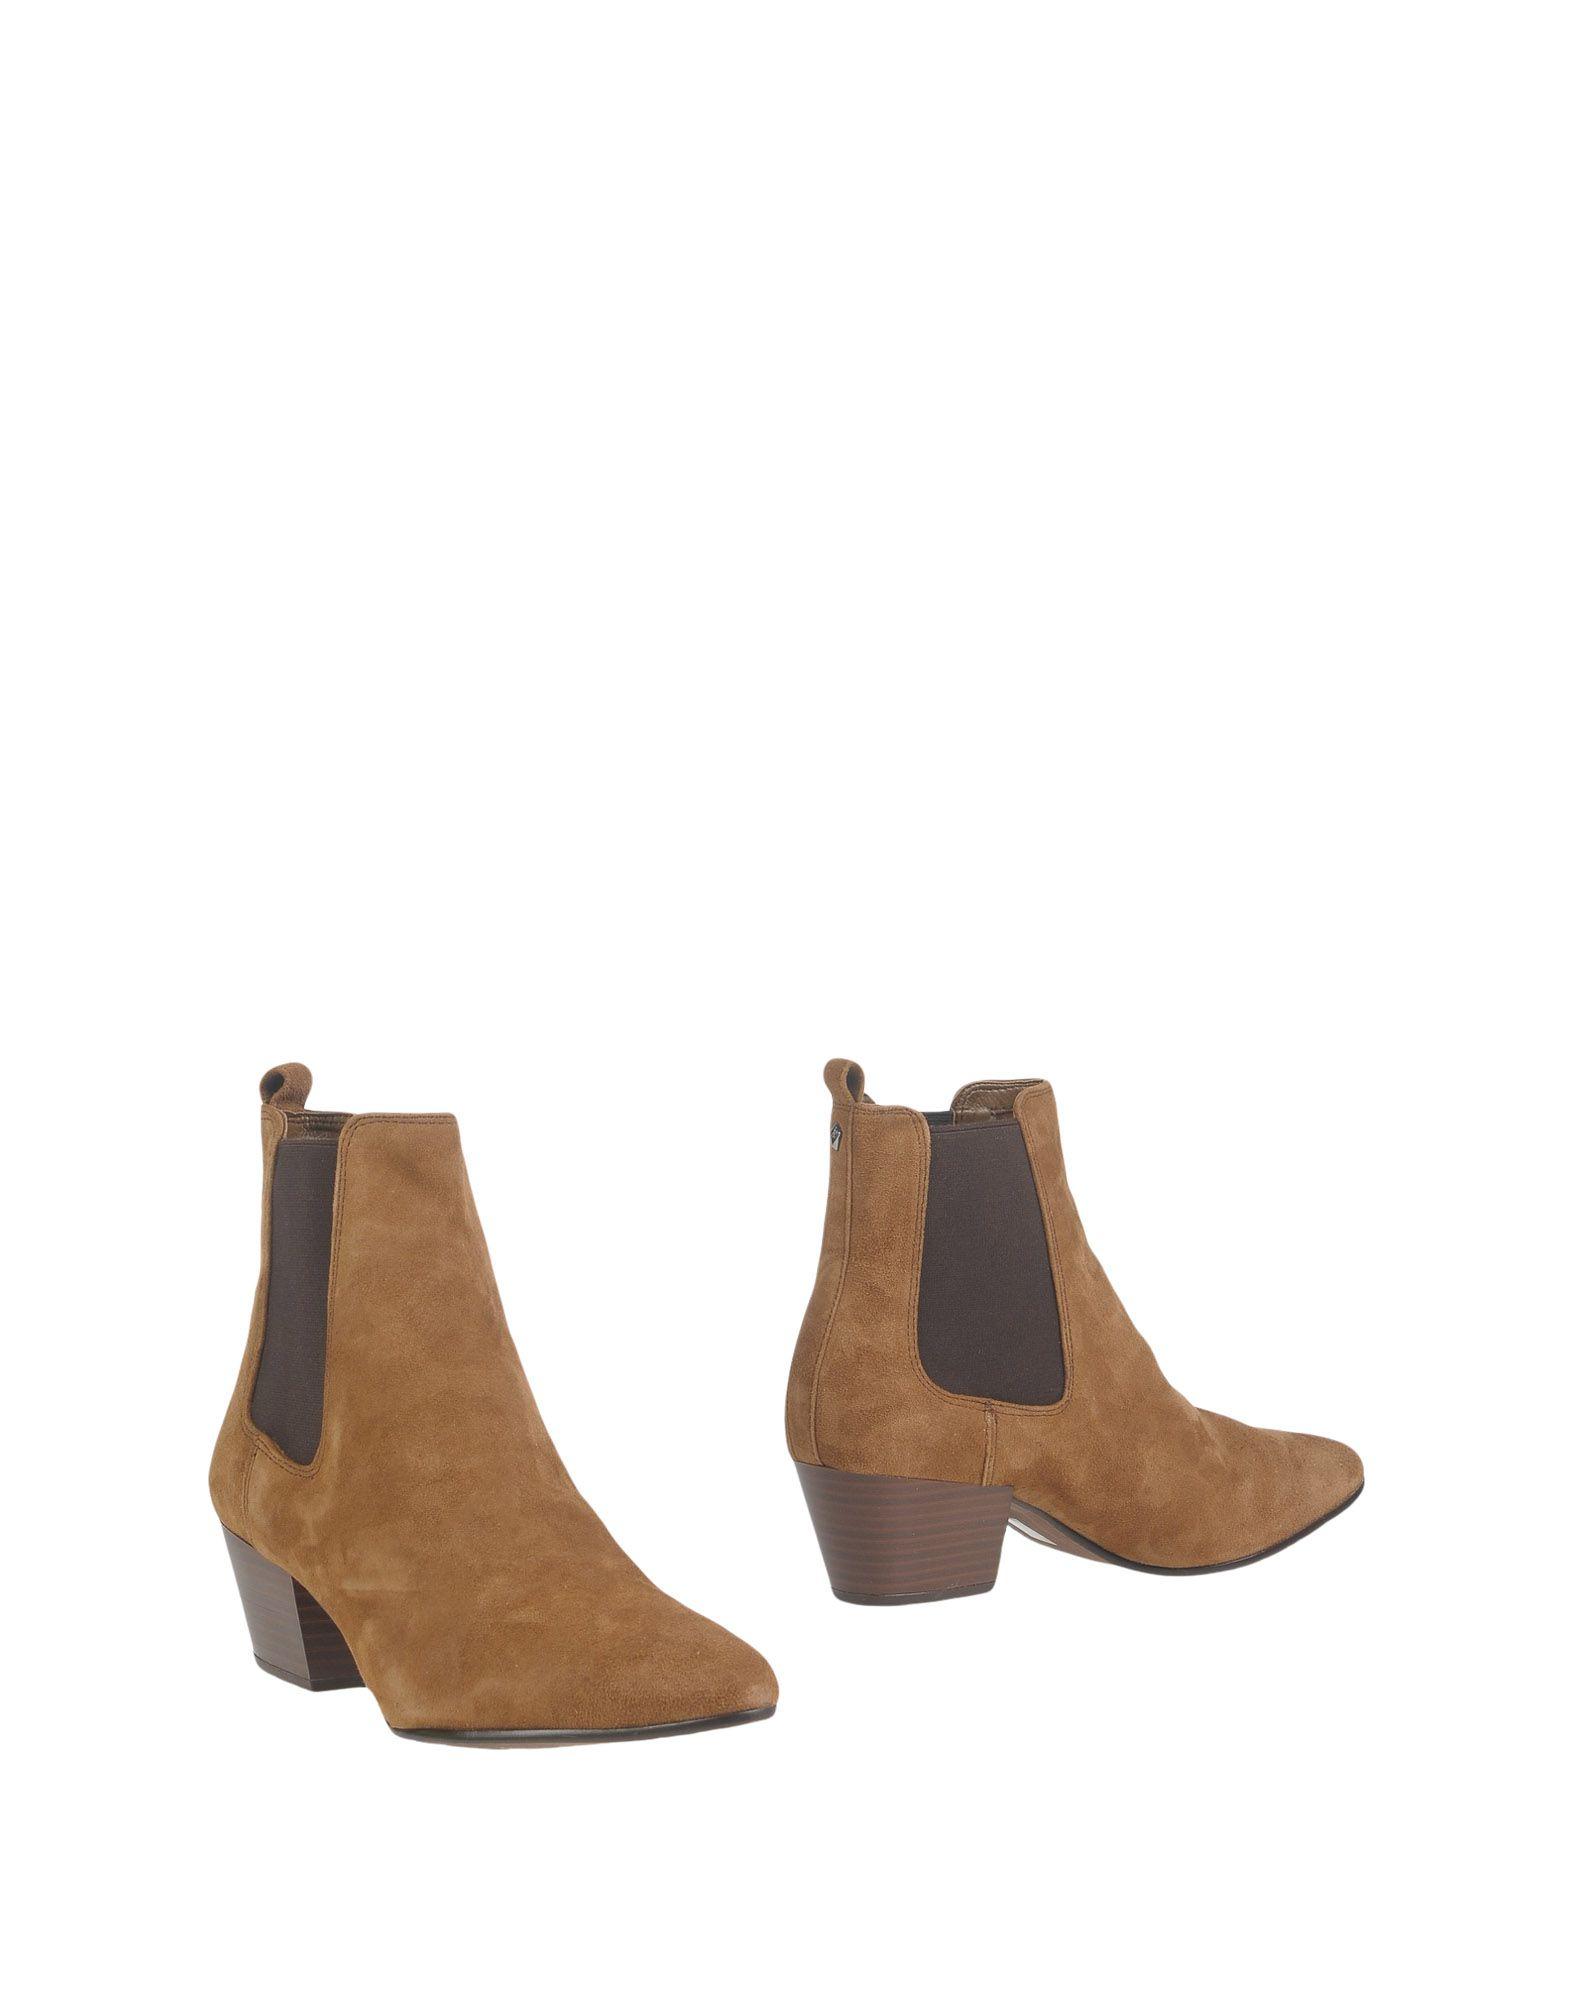 Chelsea - Boots Sam Edelman Donna - Chelsea 11305640HB a8e23f